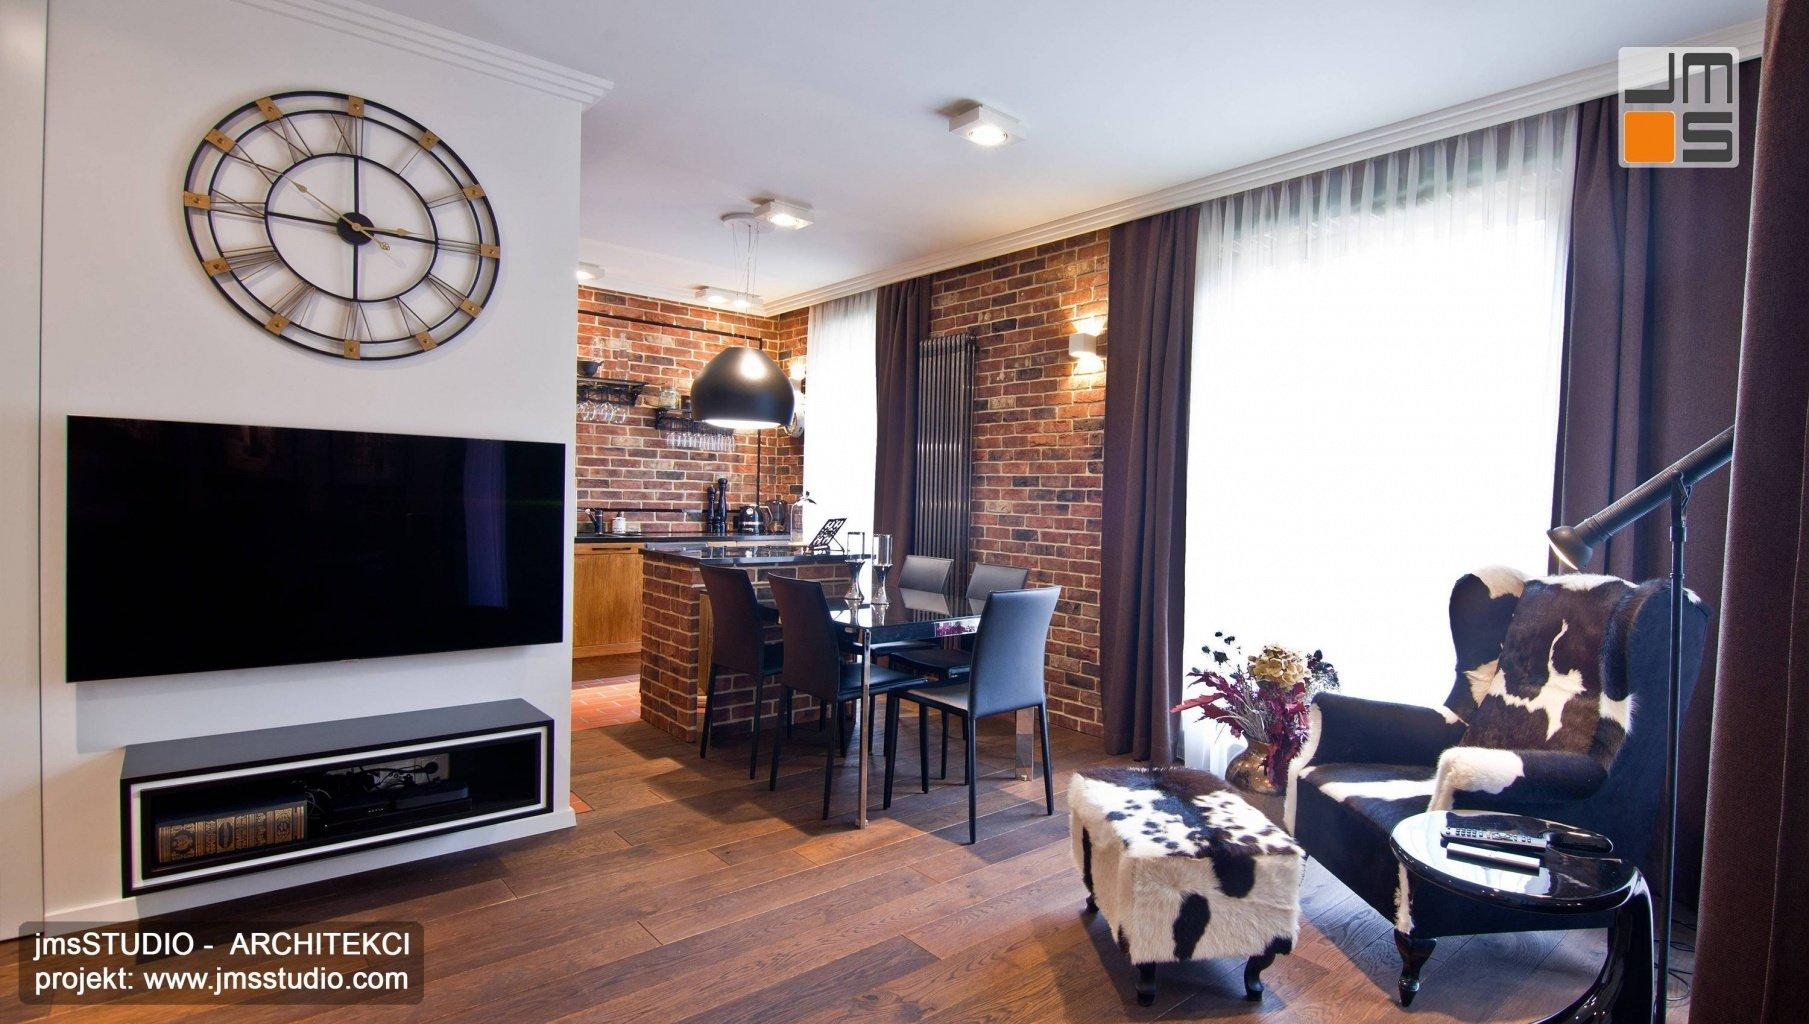 Projekt wnętrz rustykalnych z dużym zegarem w salonie i cegłą na ścianie w kuchni i jadalni